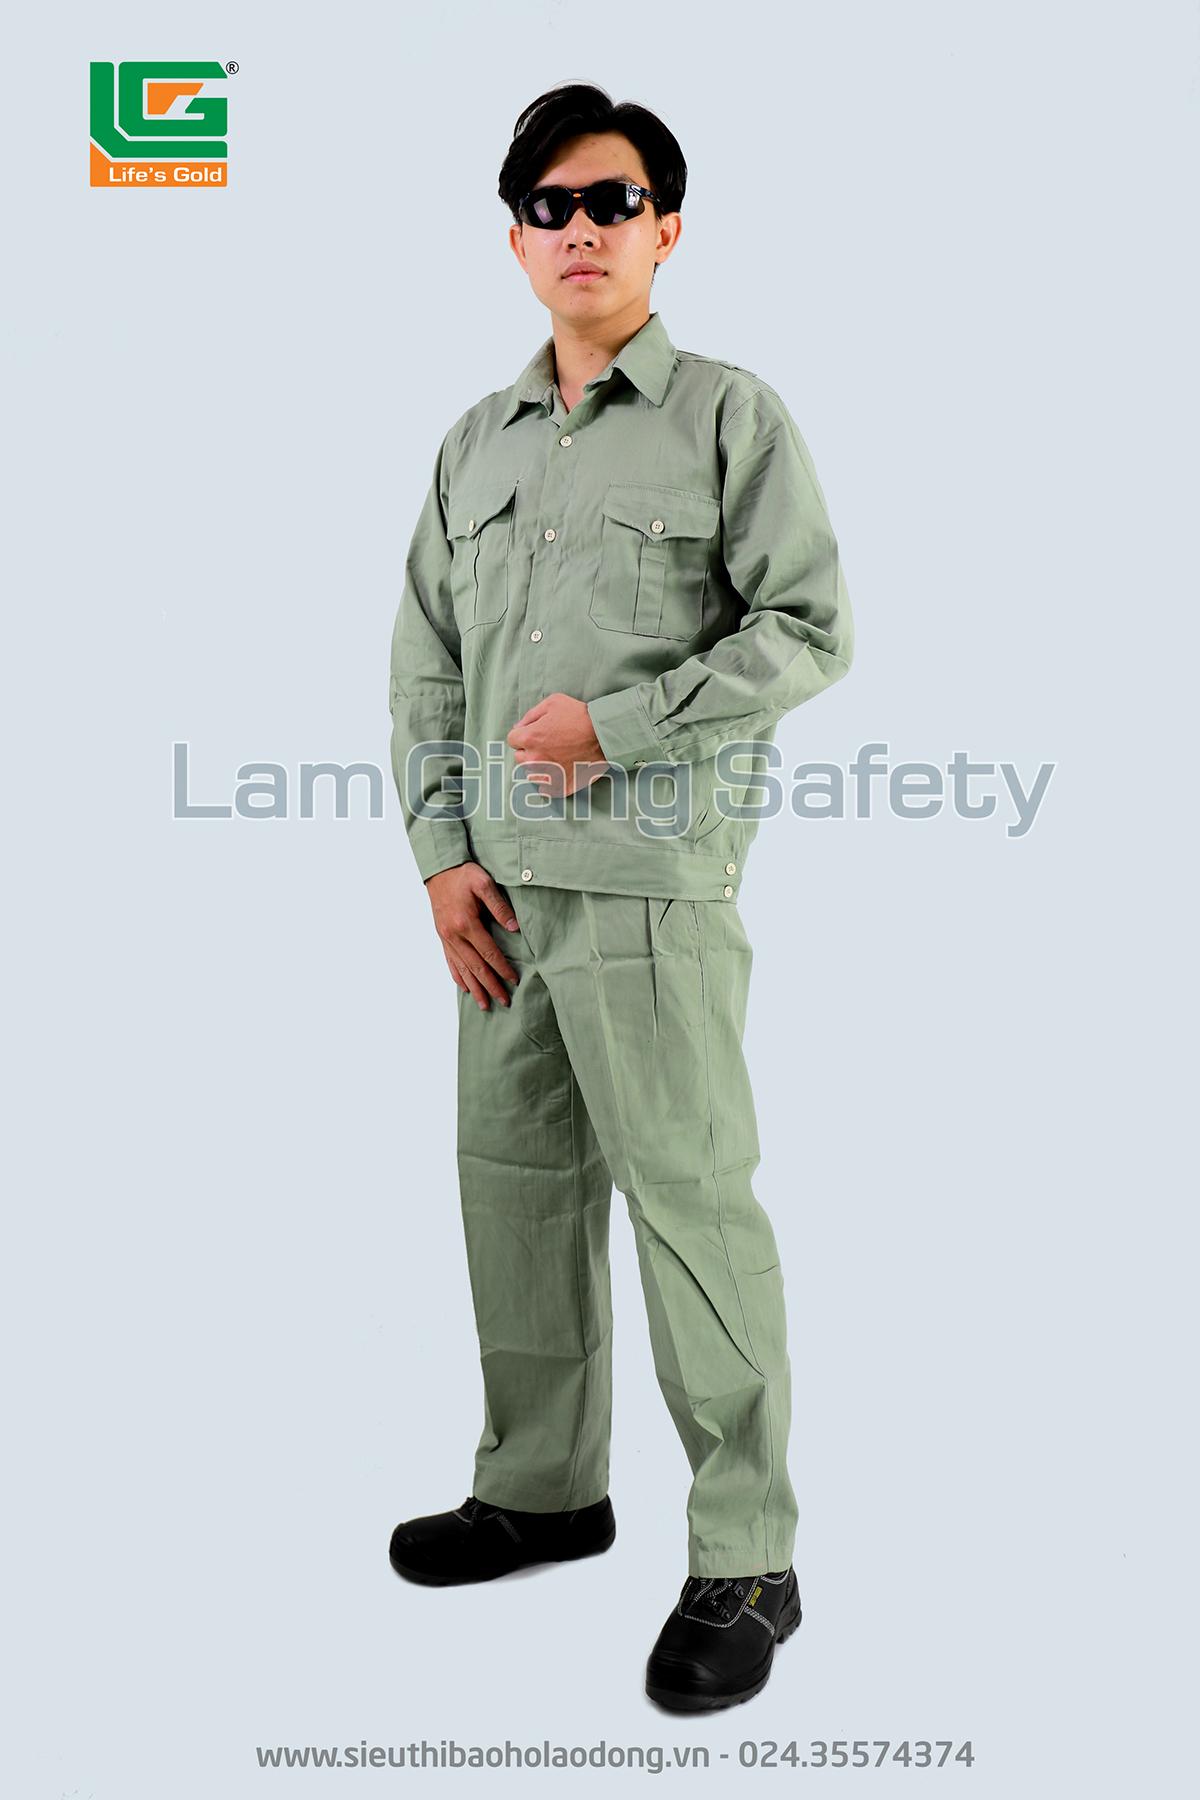 Áo bảo hộ công nhân màu ghi vải kaki Nam Định loại 1